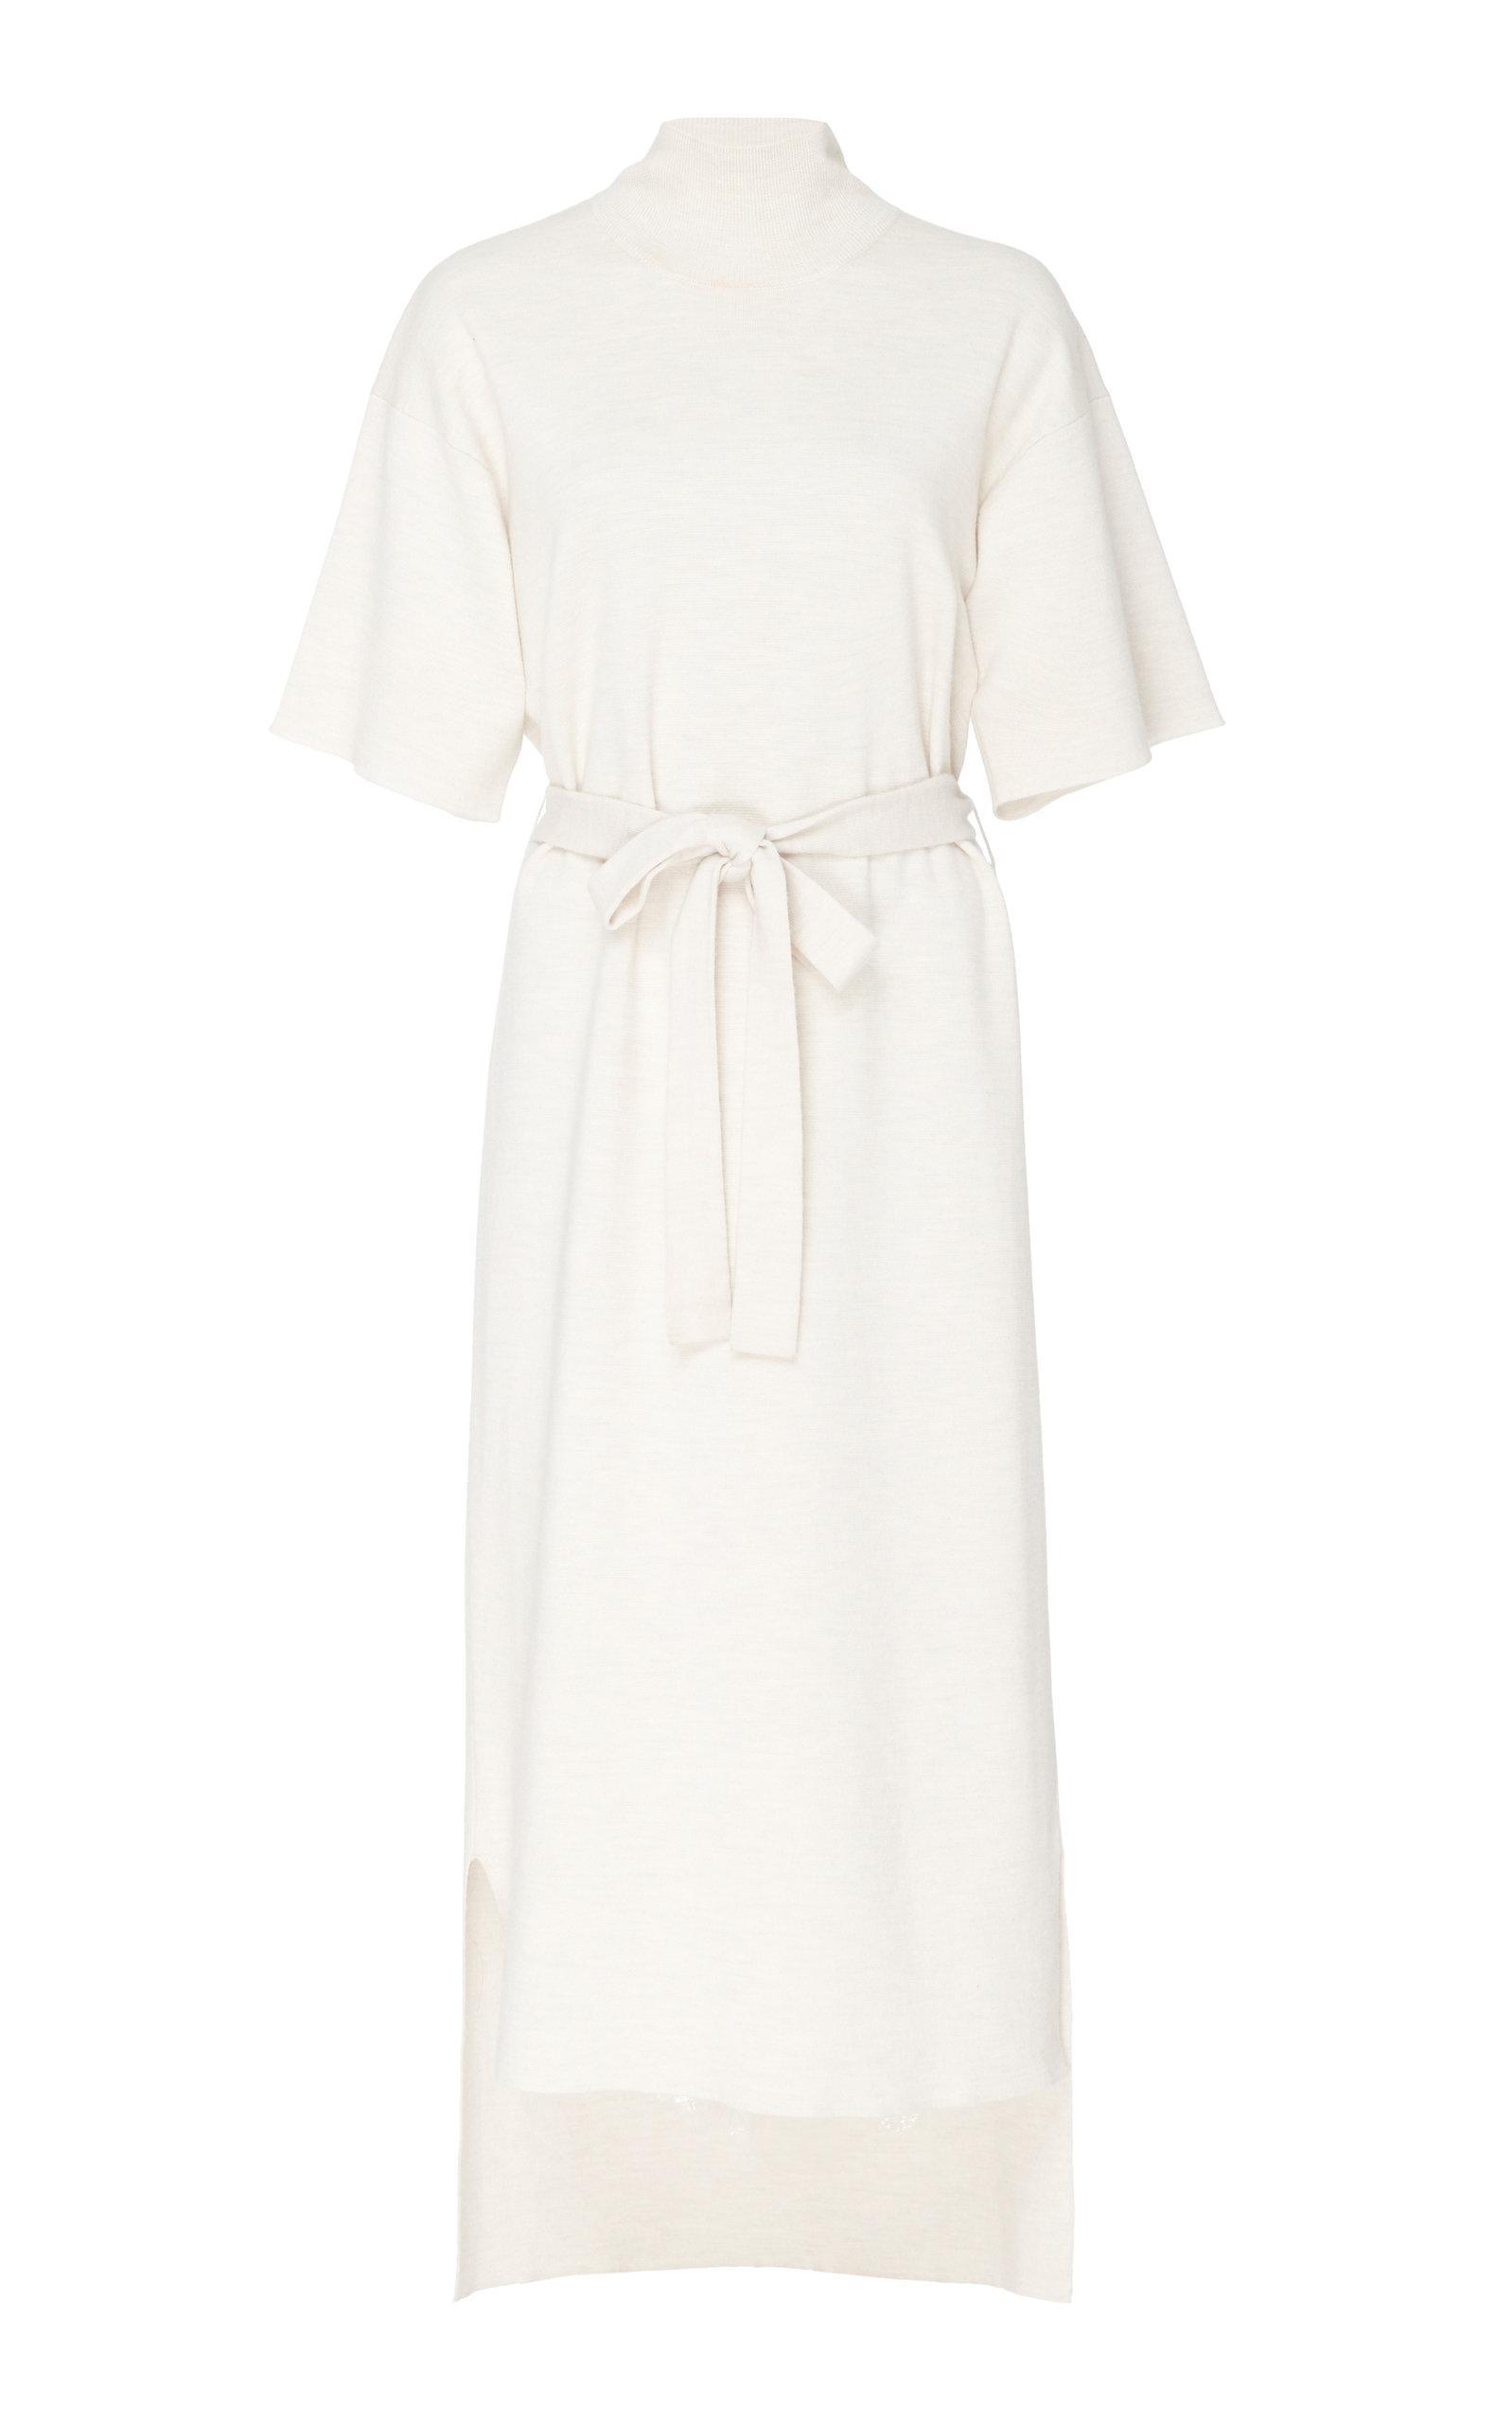 Lyst Co Light Merino Short Sleeve Mock Neck Sweater Dress In White